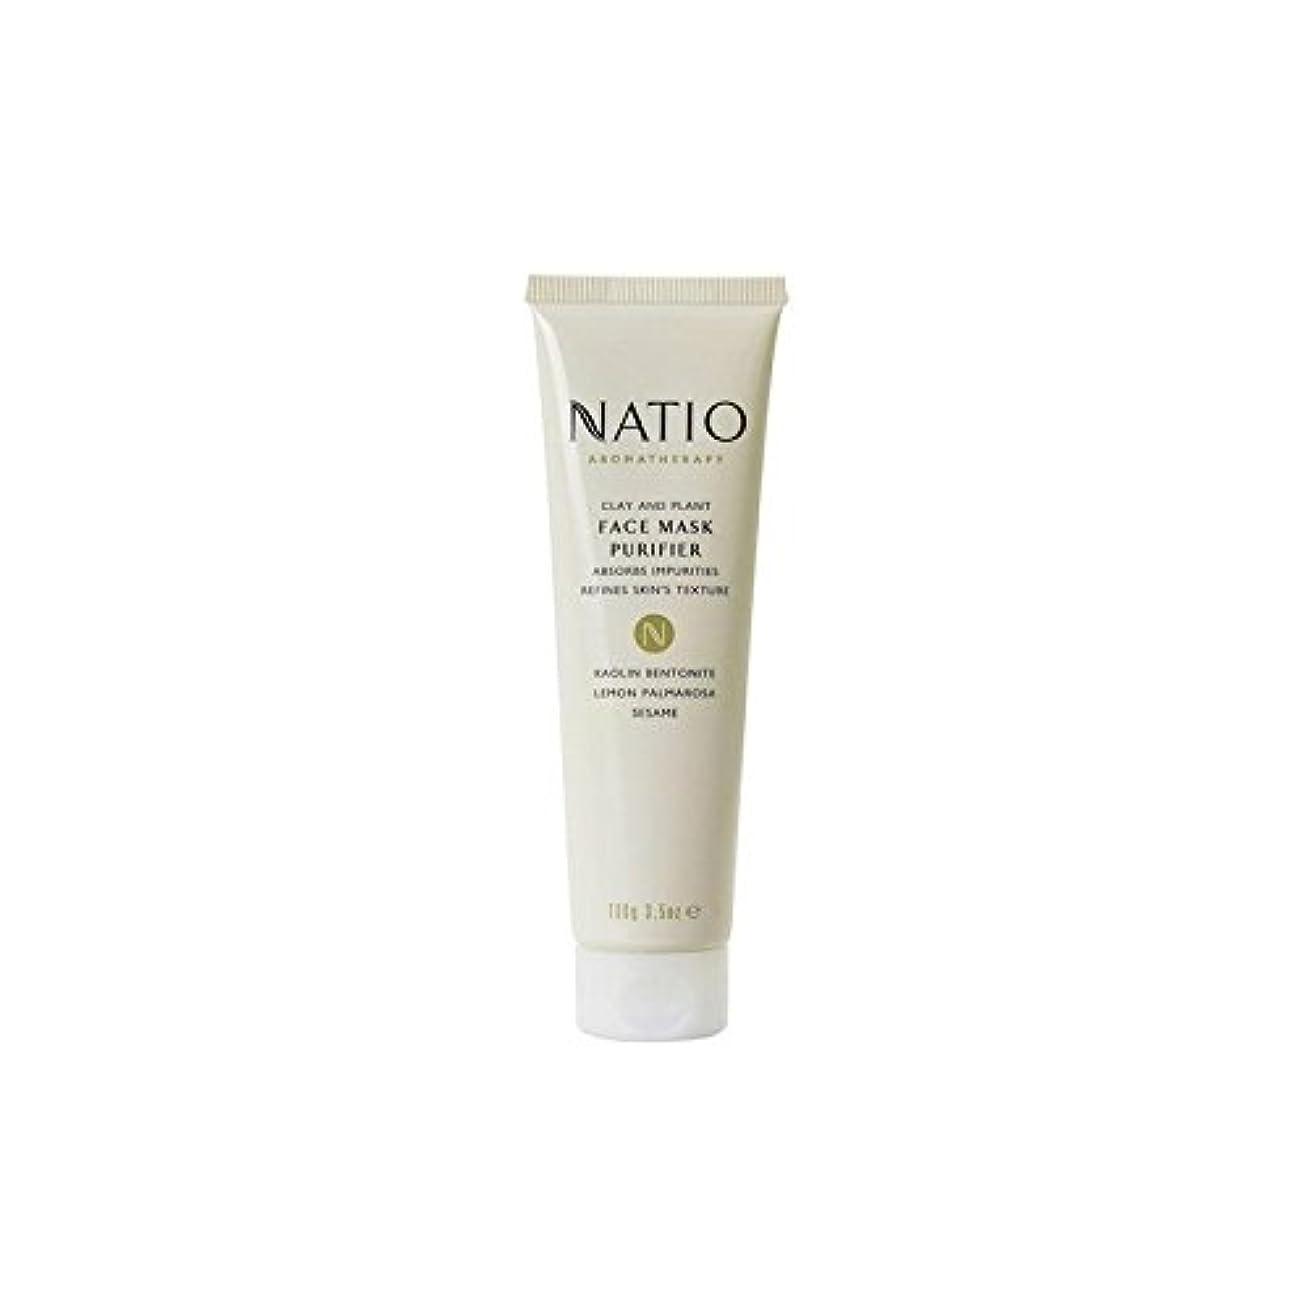 避けられないまばたき思慮深い粘土&植物フェイスマスクの浄化(100グラム) x4 - Natio Clay & Plant Face Mask Purifier (100G) (Pack of 4) [並行輸入品]